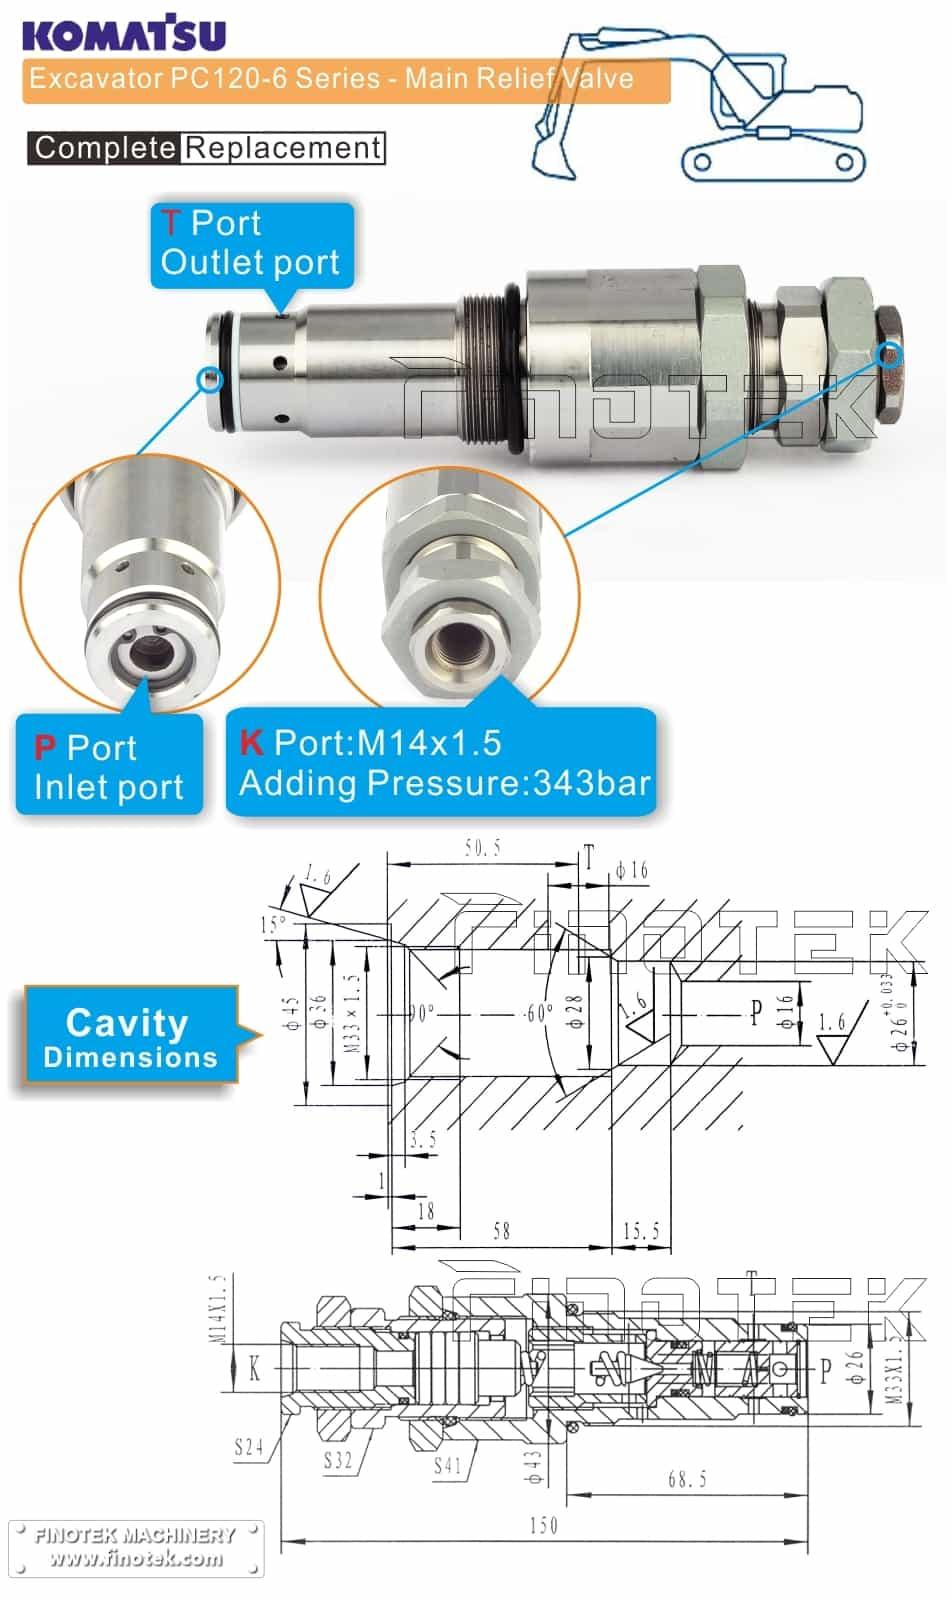 Komatsu PC120-6 Escavadeira principal válvula de alívio Dimensões